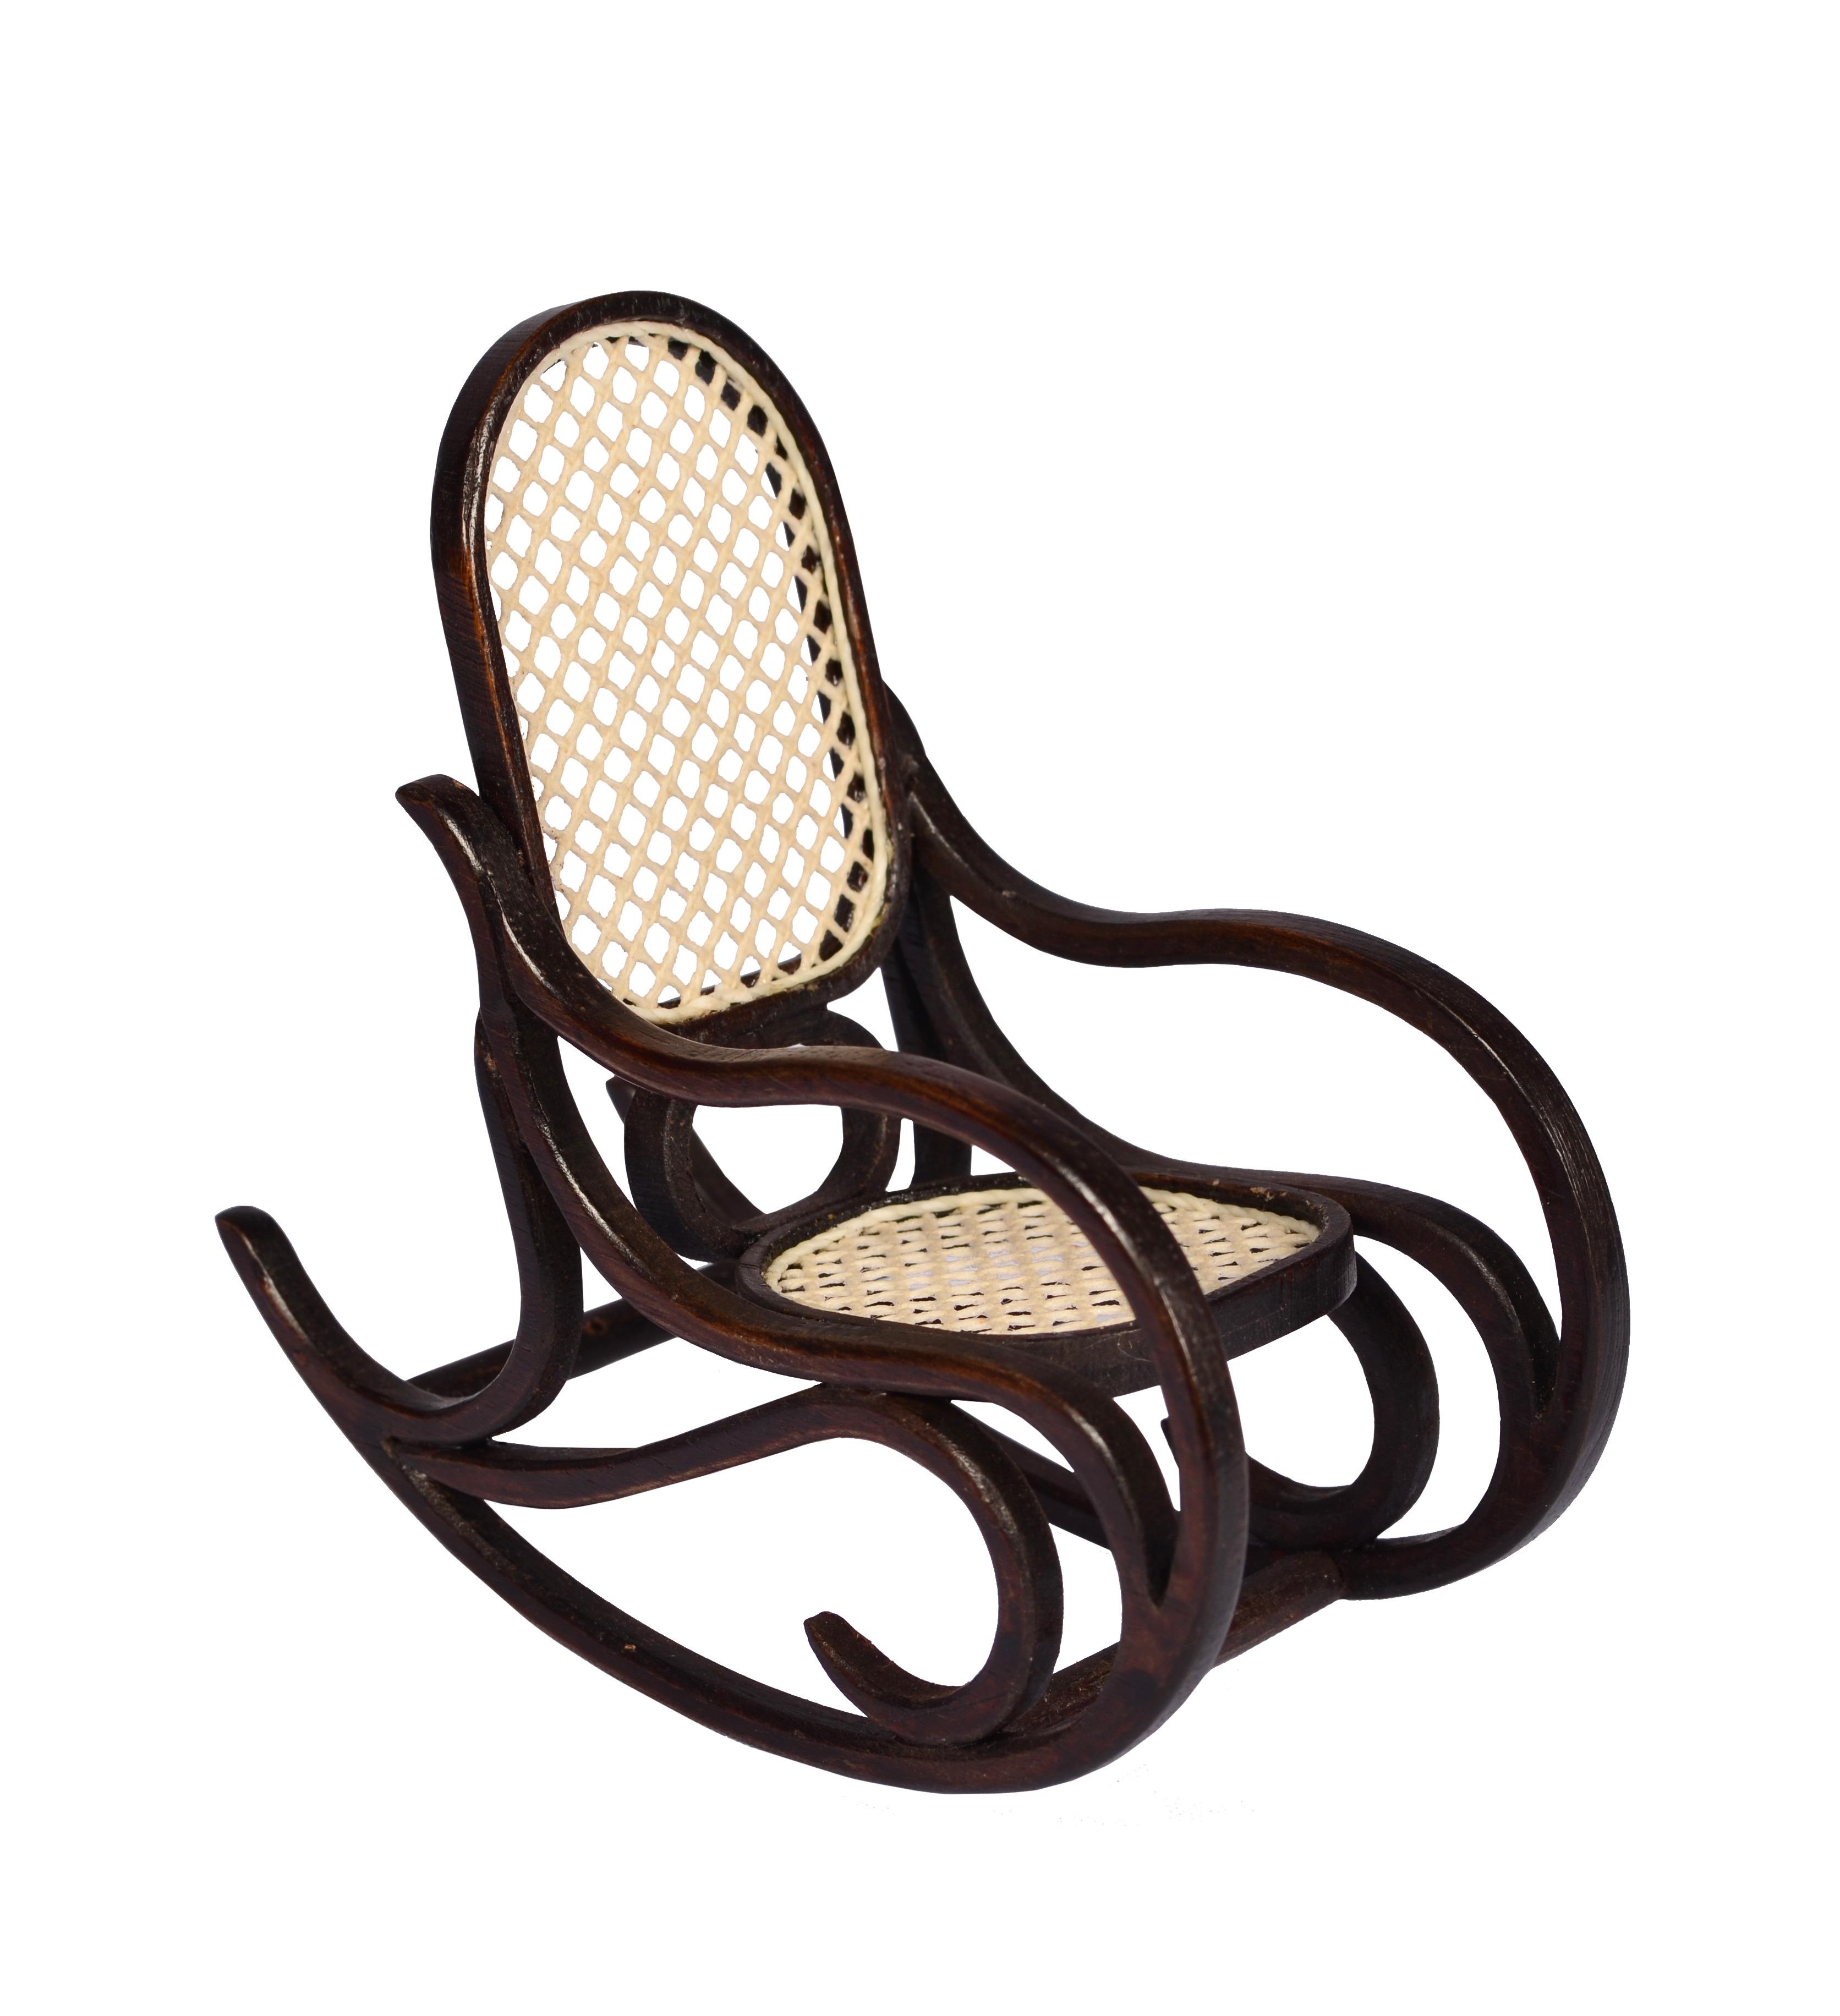 cadeira de balanco thonet cadeiras cadeira de balanco thonet cadeira  #986D33 3344x3664